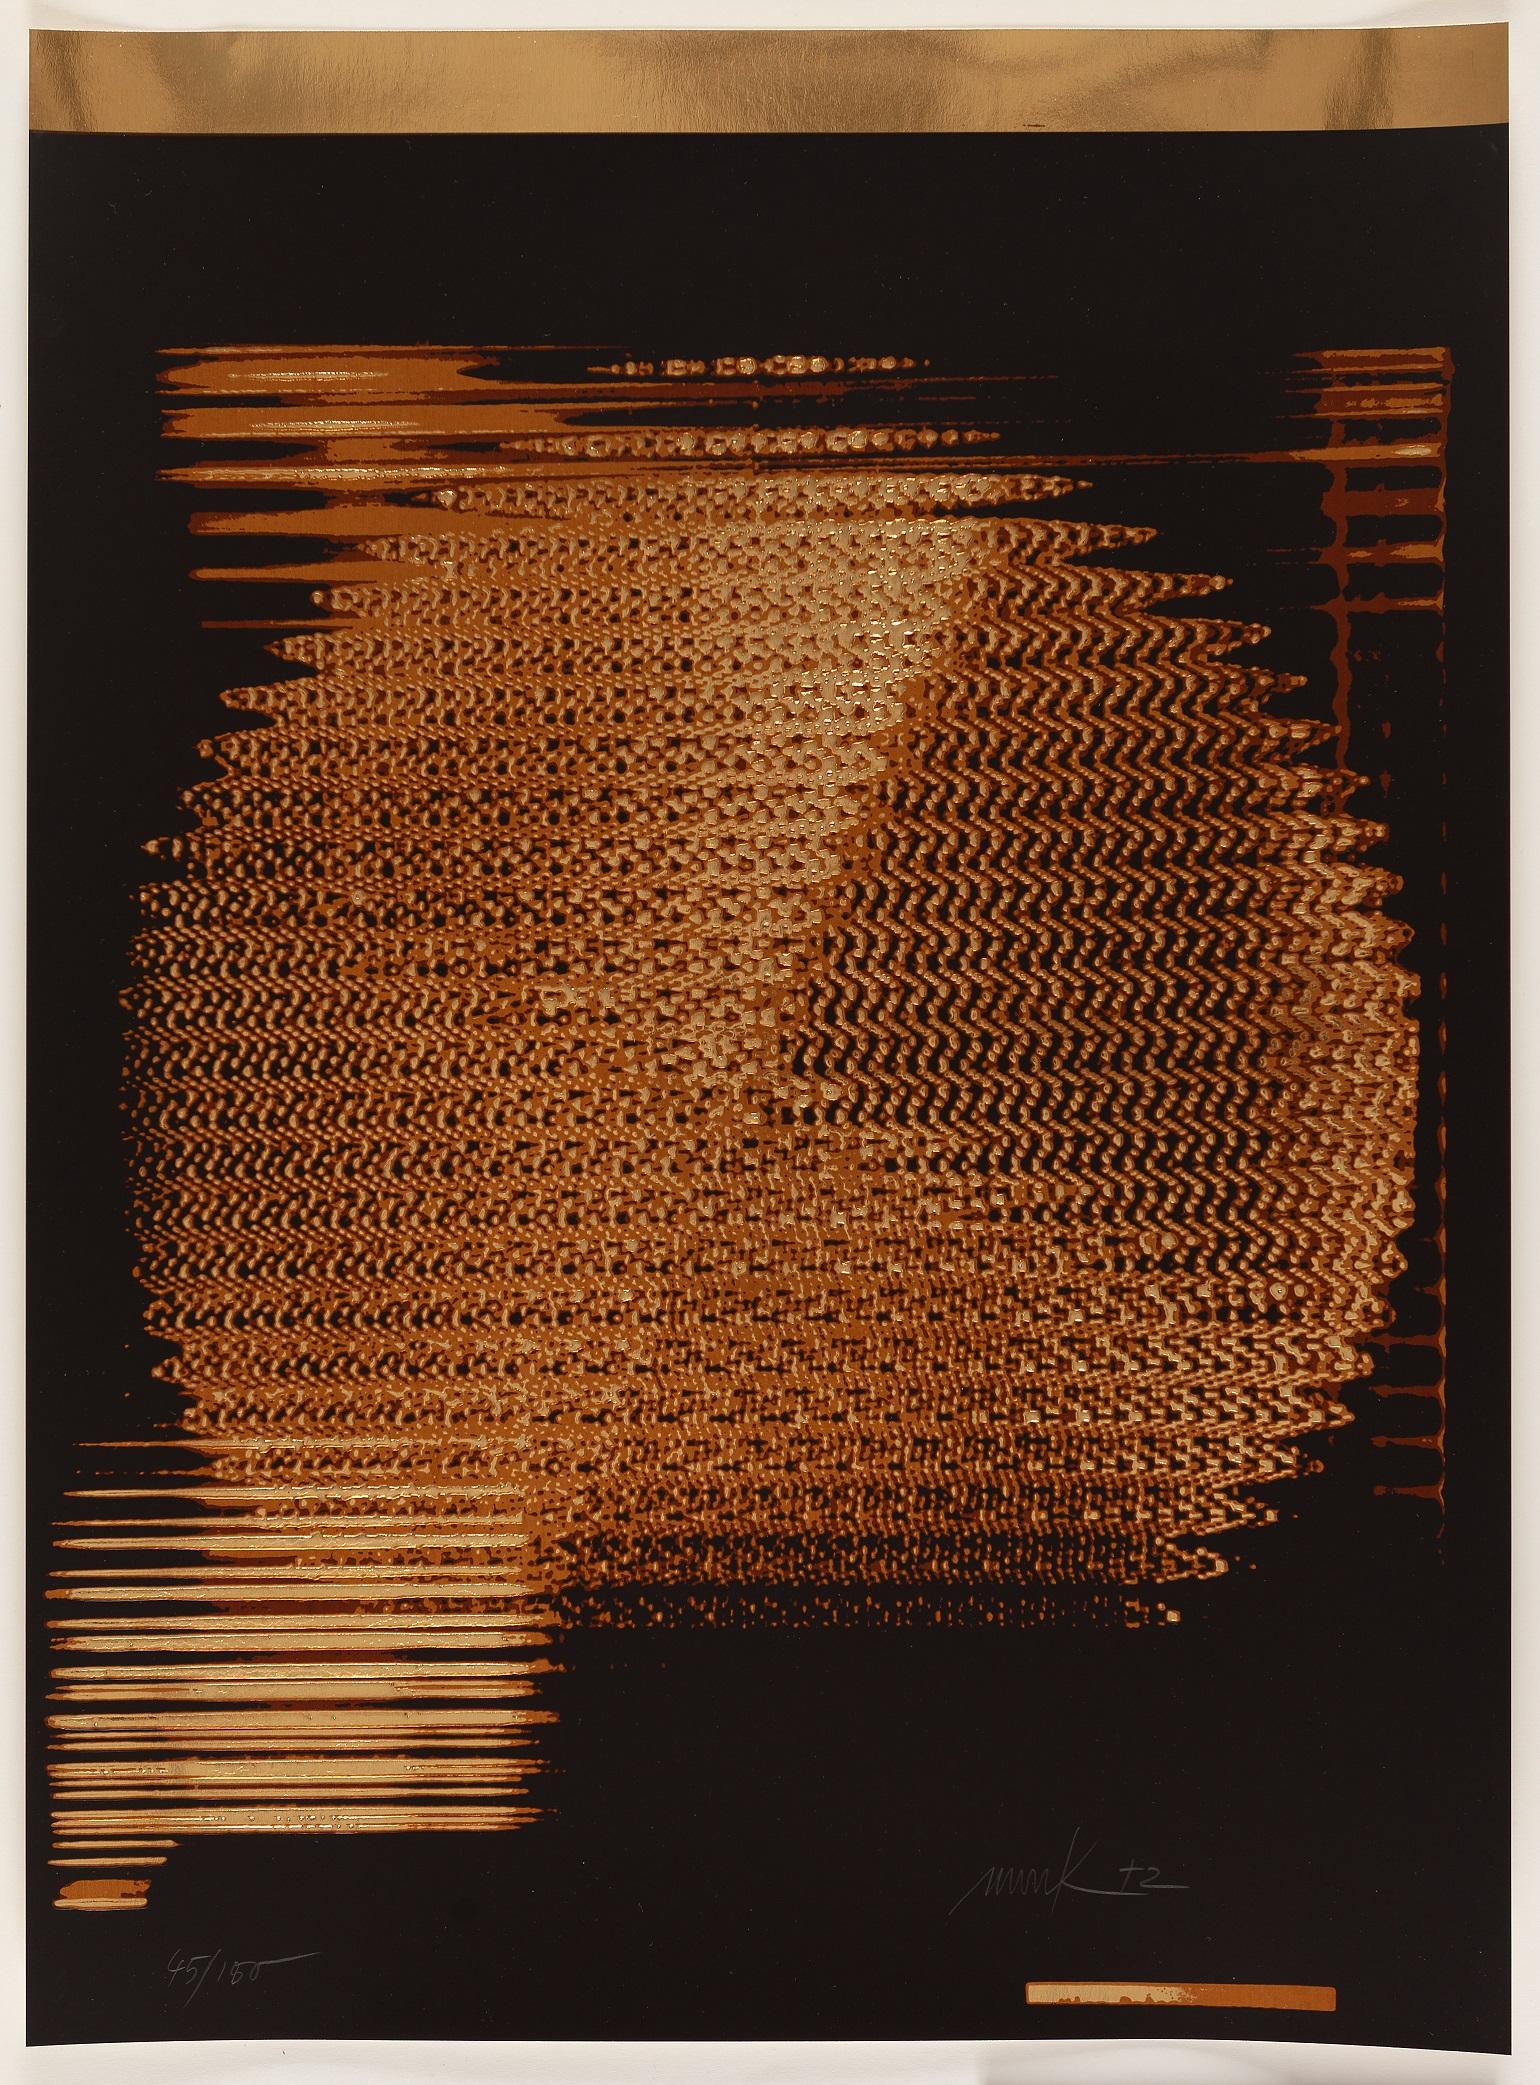 """Heinz Mack, Ohne Titel, Blatt aus der Mappe """"German Art Today '70"""", 1971, © VG Bildkunst Bonn, 2020"""